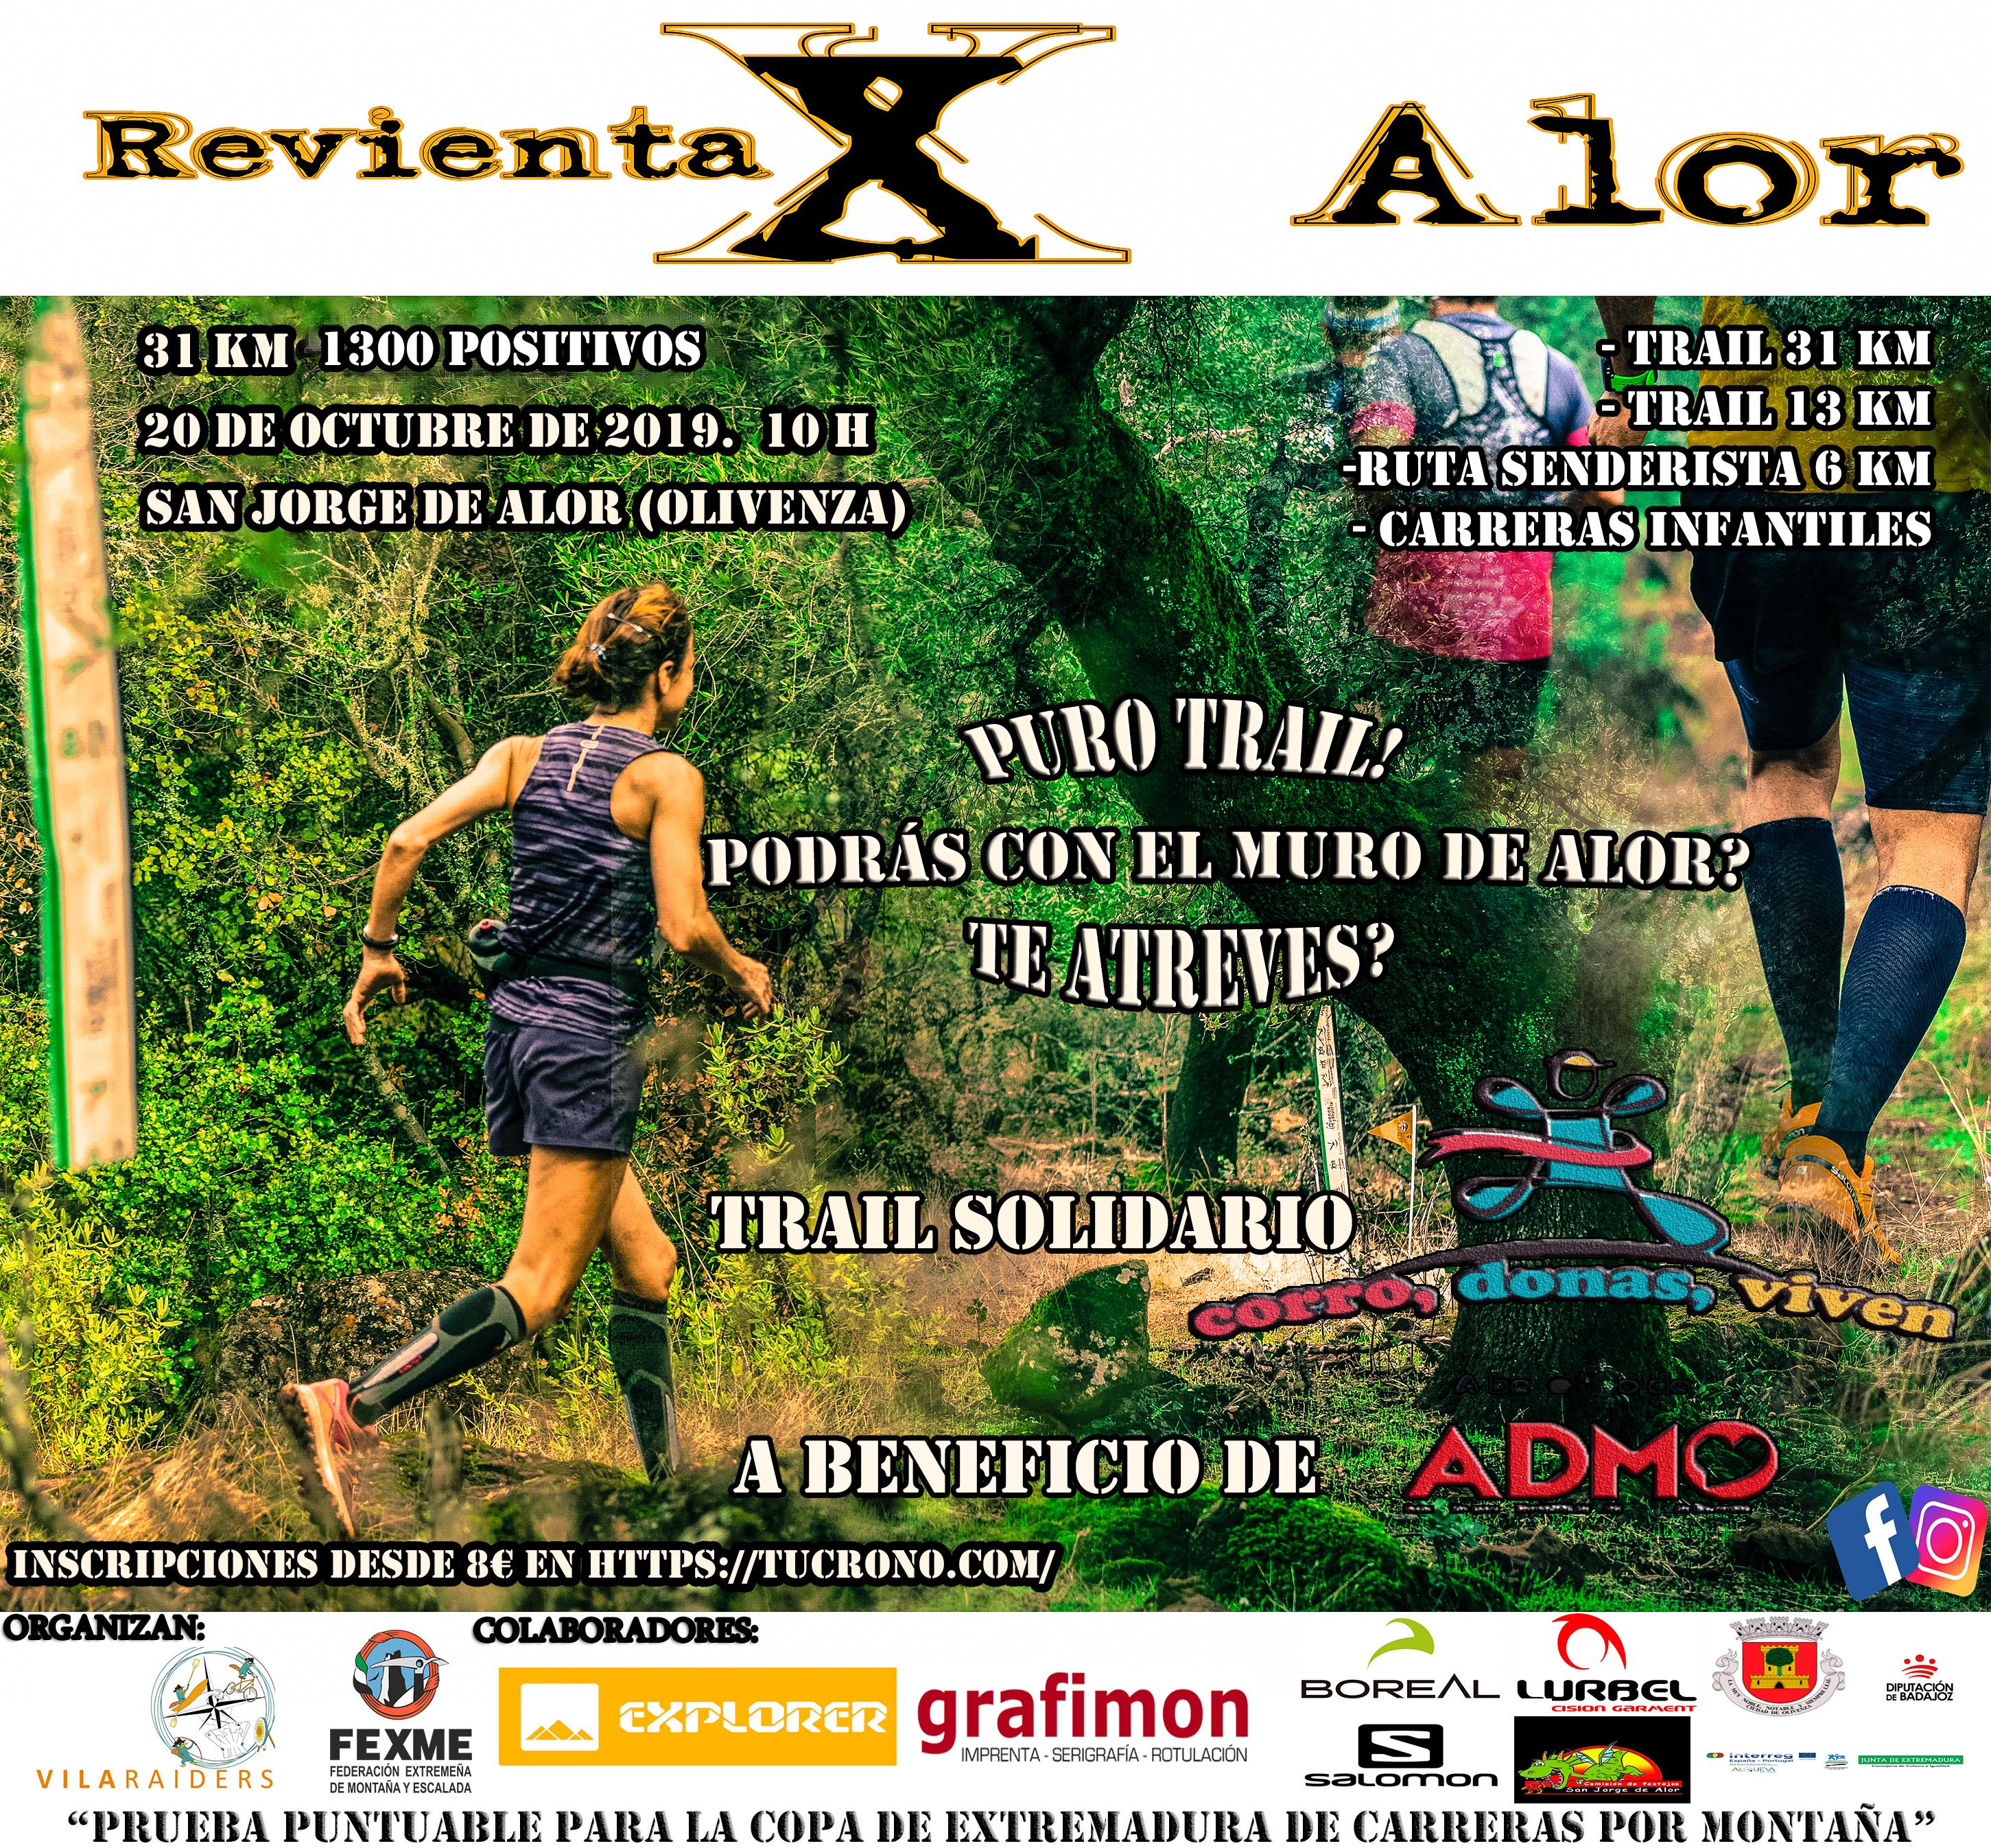 Trail Solidario Revienta X Alor 2019